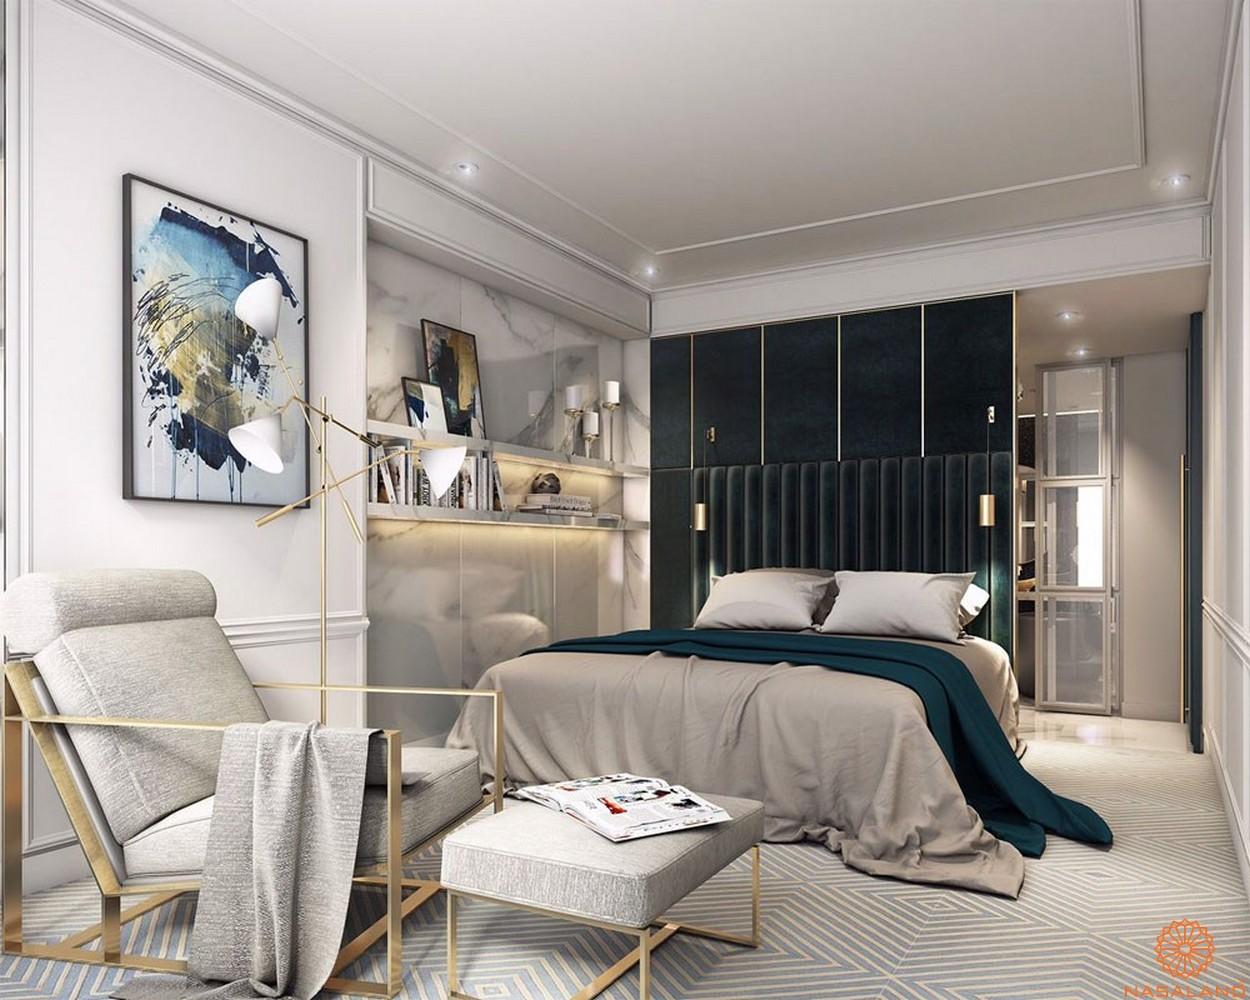 Phòng ngủ trong nhà mẫu căn hộ The Tresor quận 4